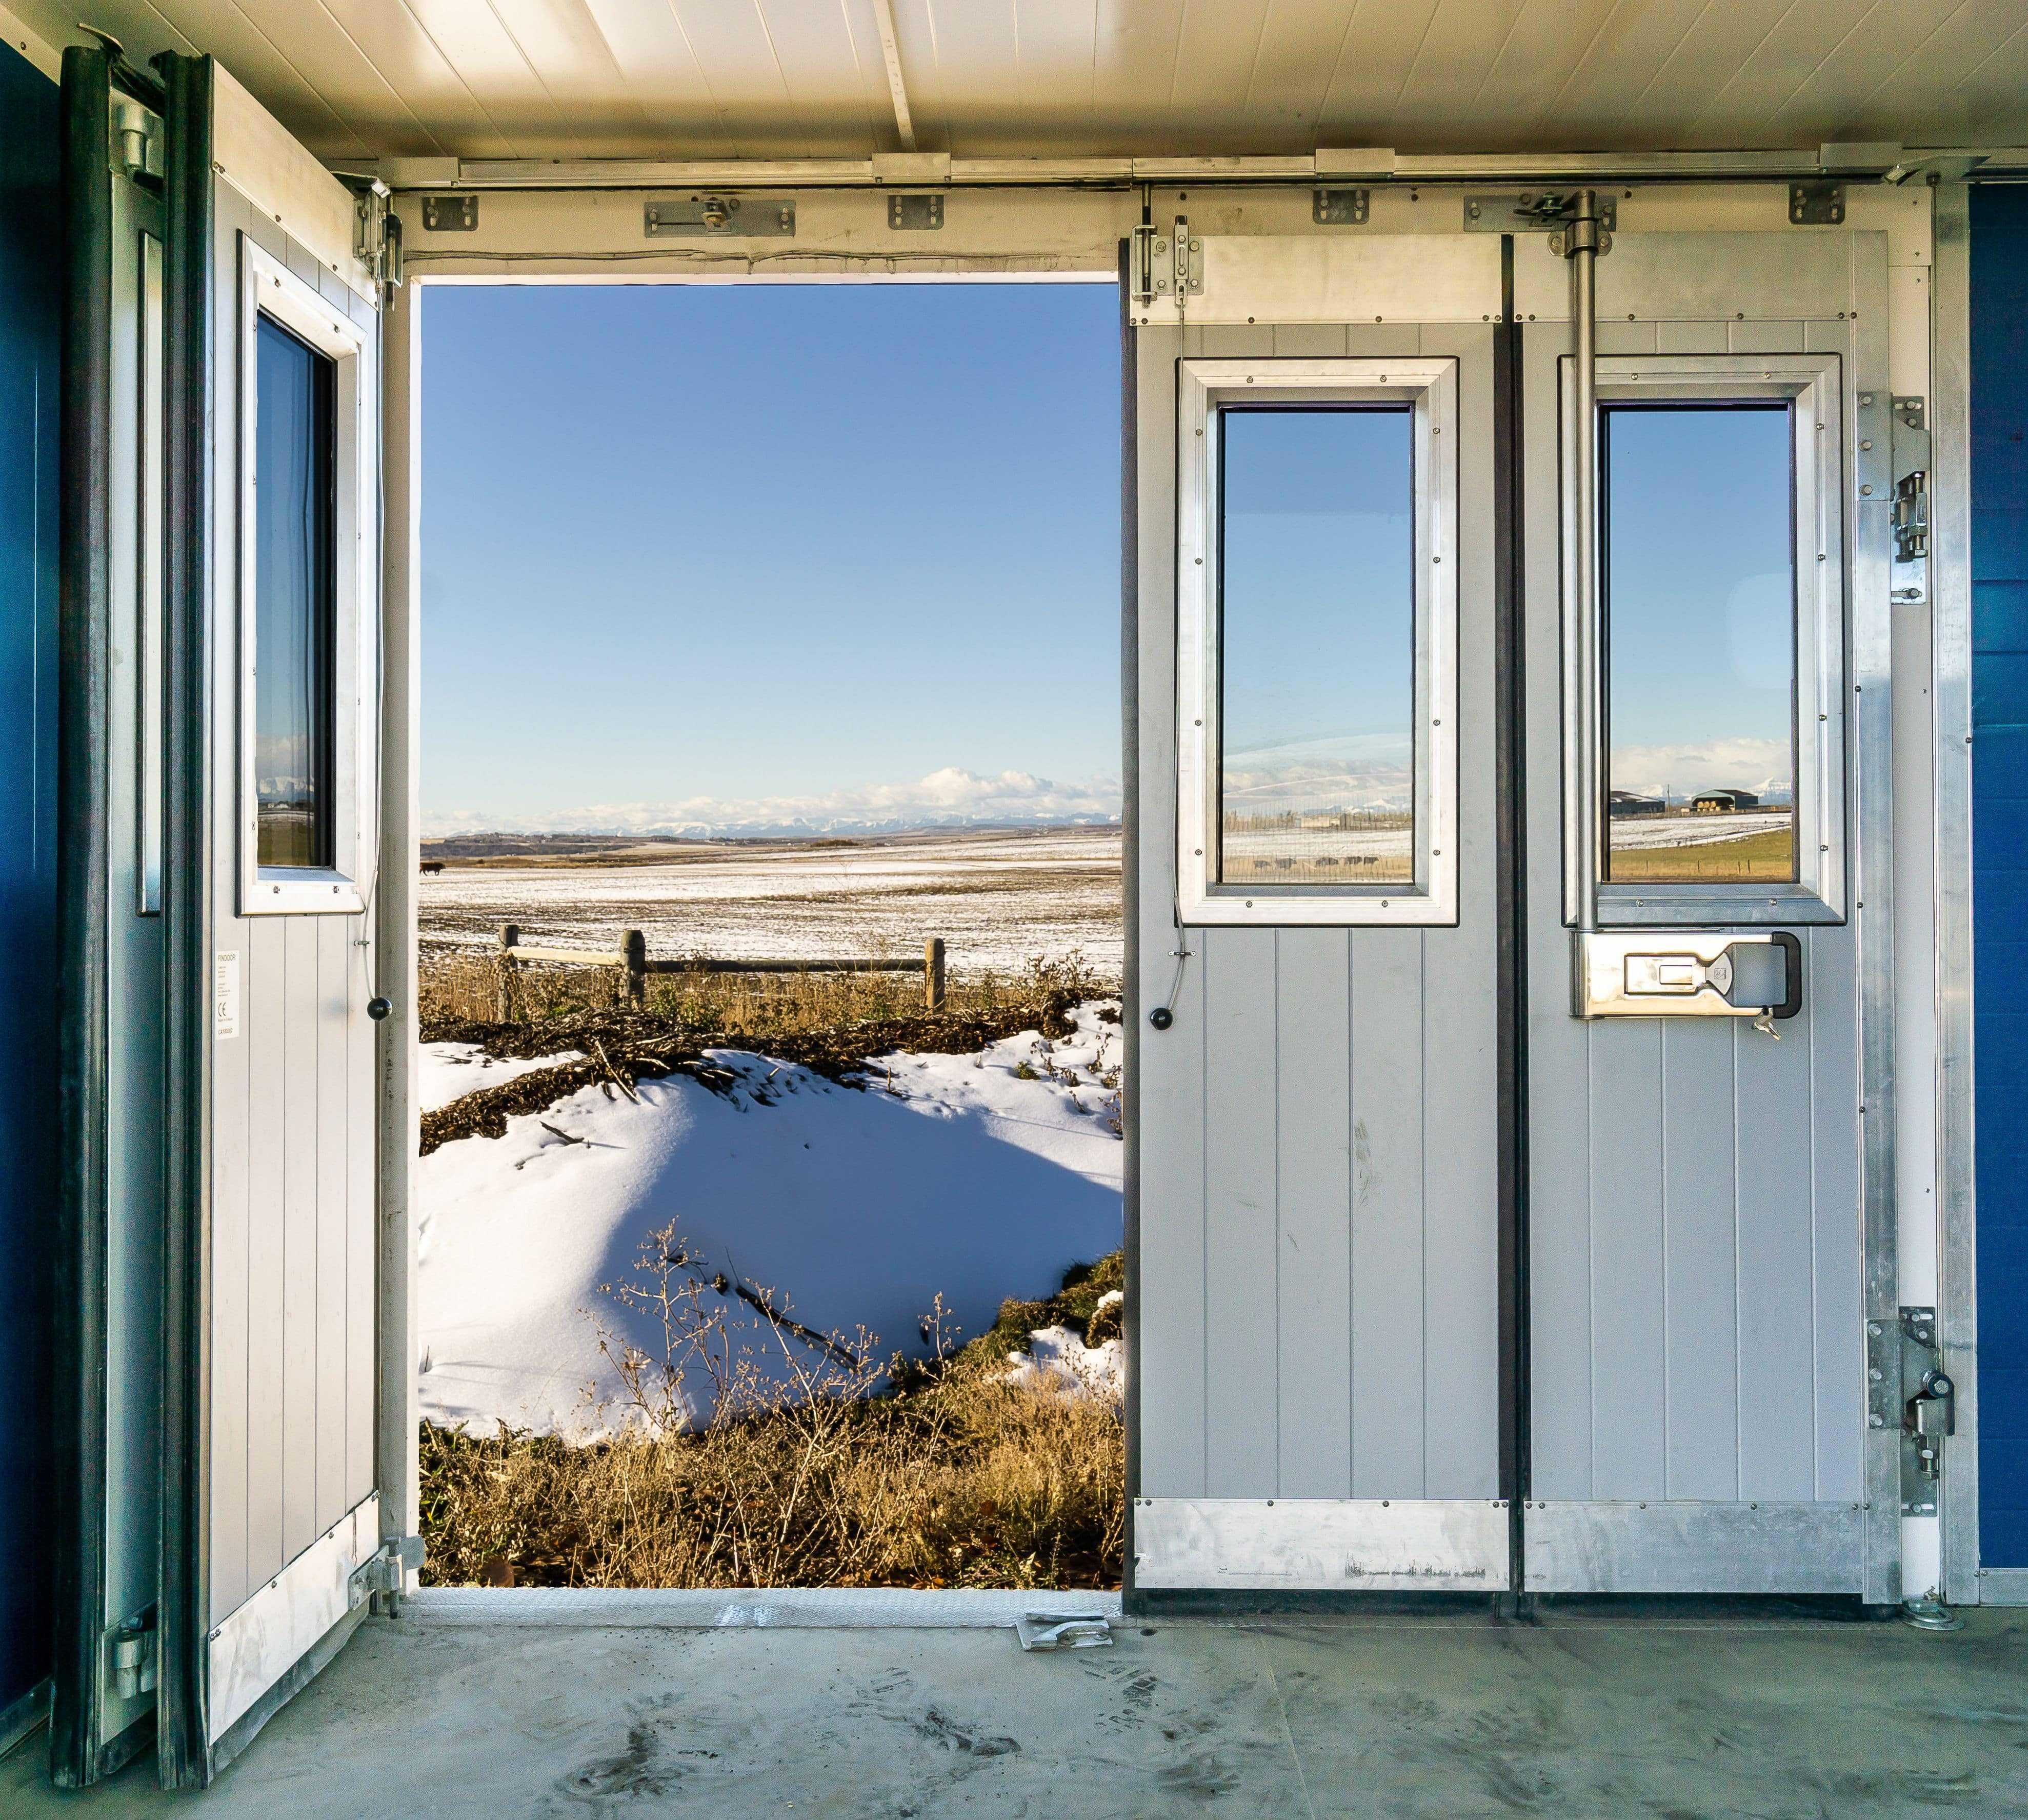 ranch-fin-door-min.jpeg?mtime=20210114084613#asset:21876